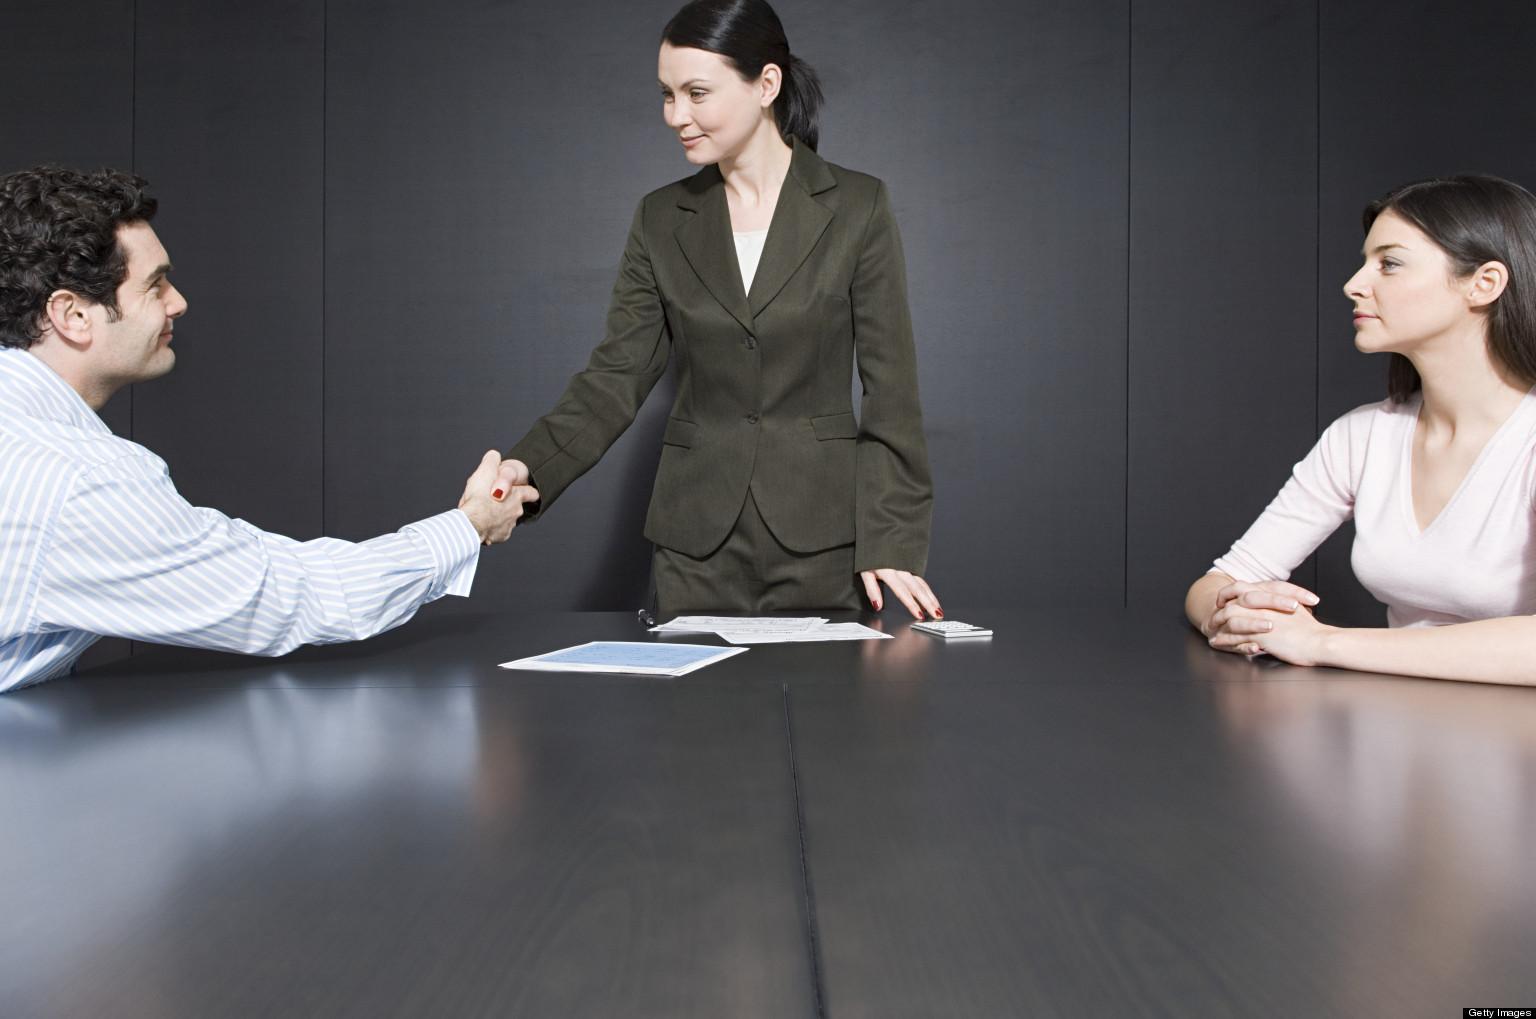 Divorce lawyer in love dramacool, bankruptcy lawyer bloomfield nj, legal  adviser finder gov uk